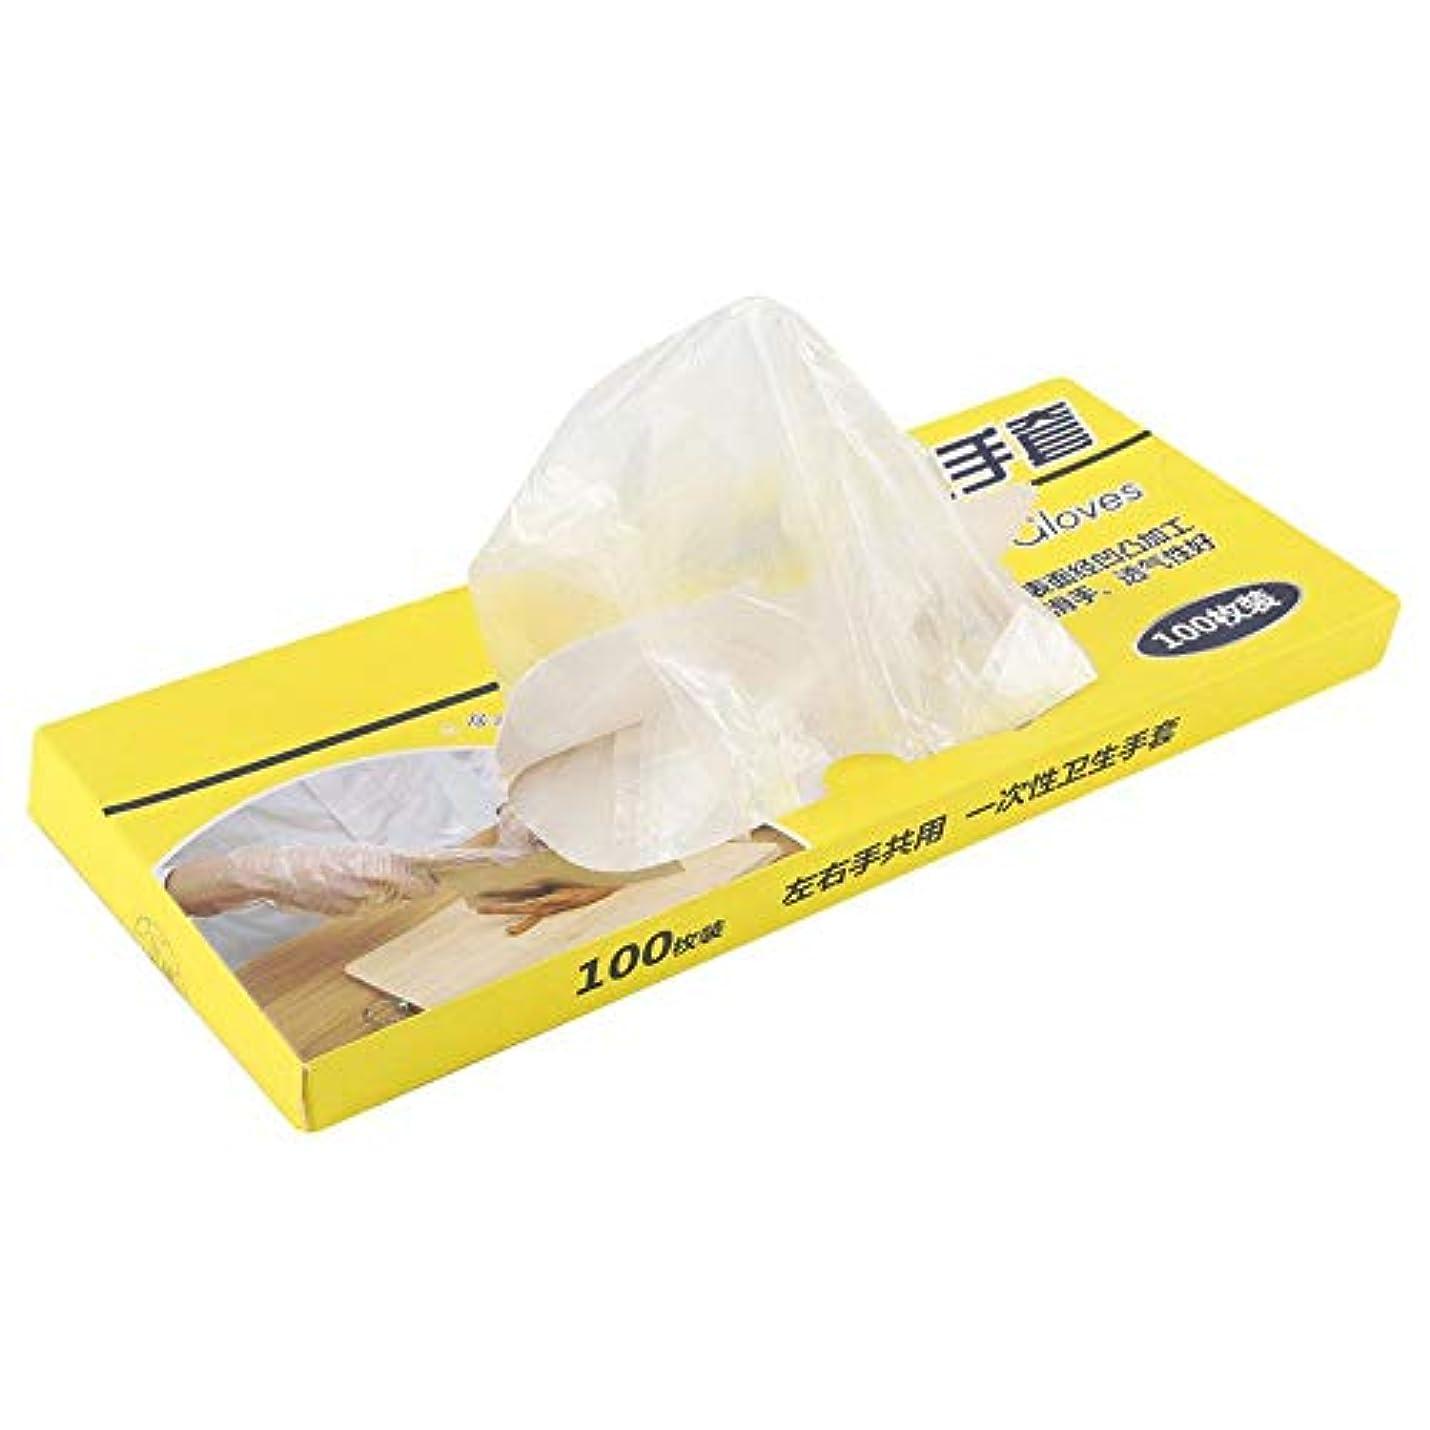 アセヘア引退したYosoo 100pcs 使い捨てポリ手袋 使い捨て手袋 極薄手袋 調理 お掃除 使い捨て手袋 極薄ビニール手袋 透明 実用 衛生